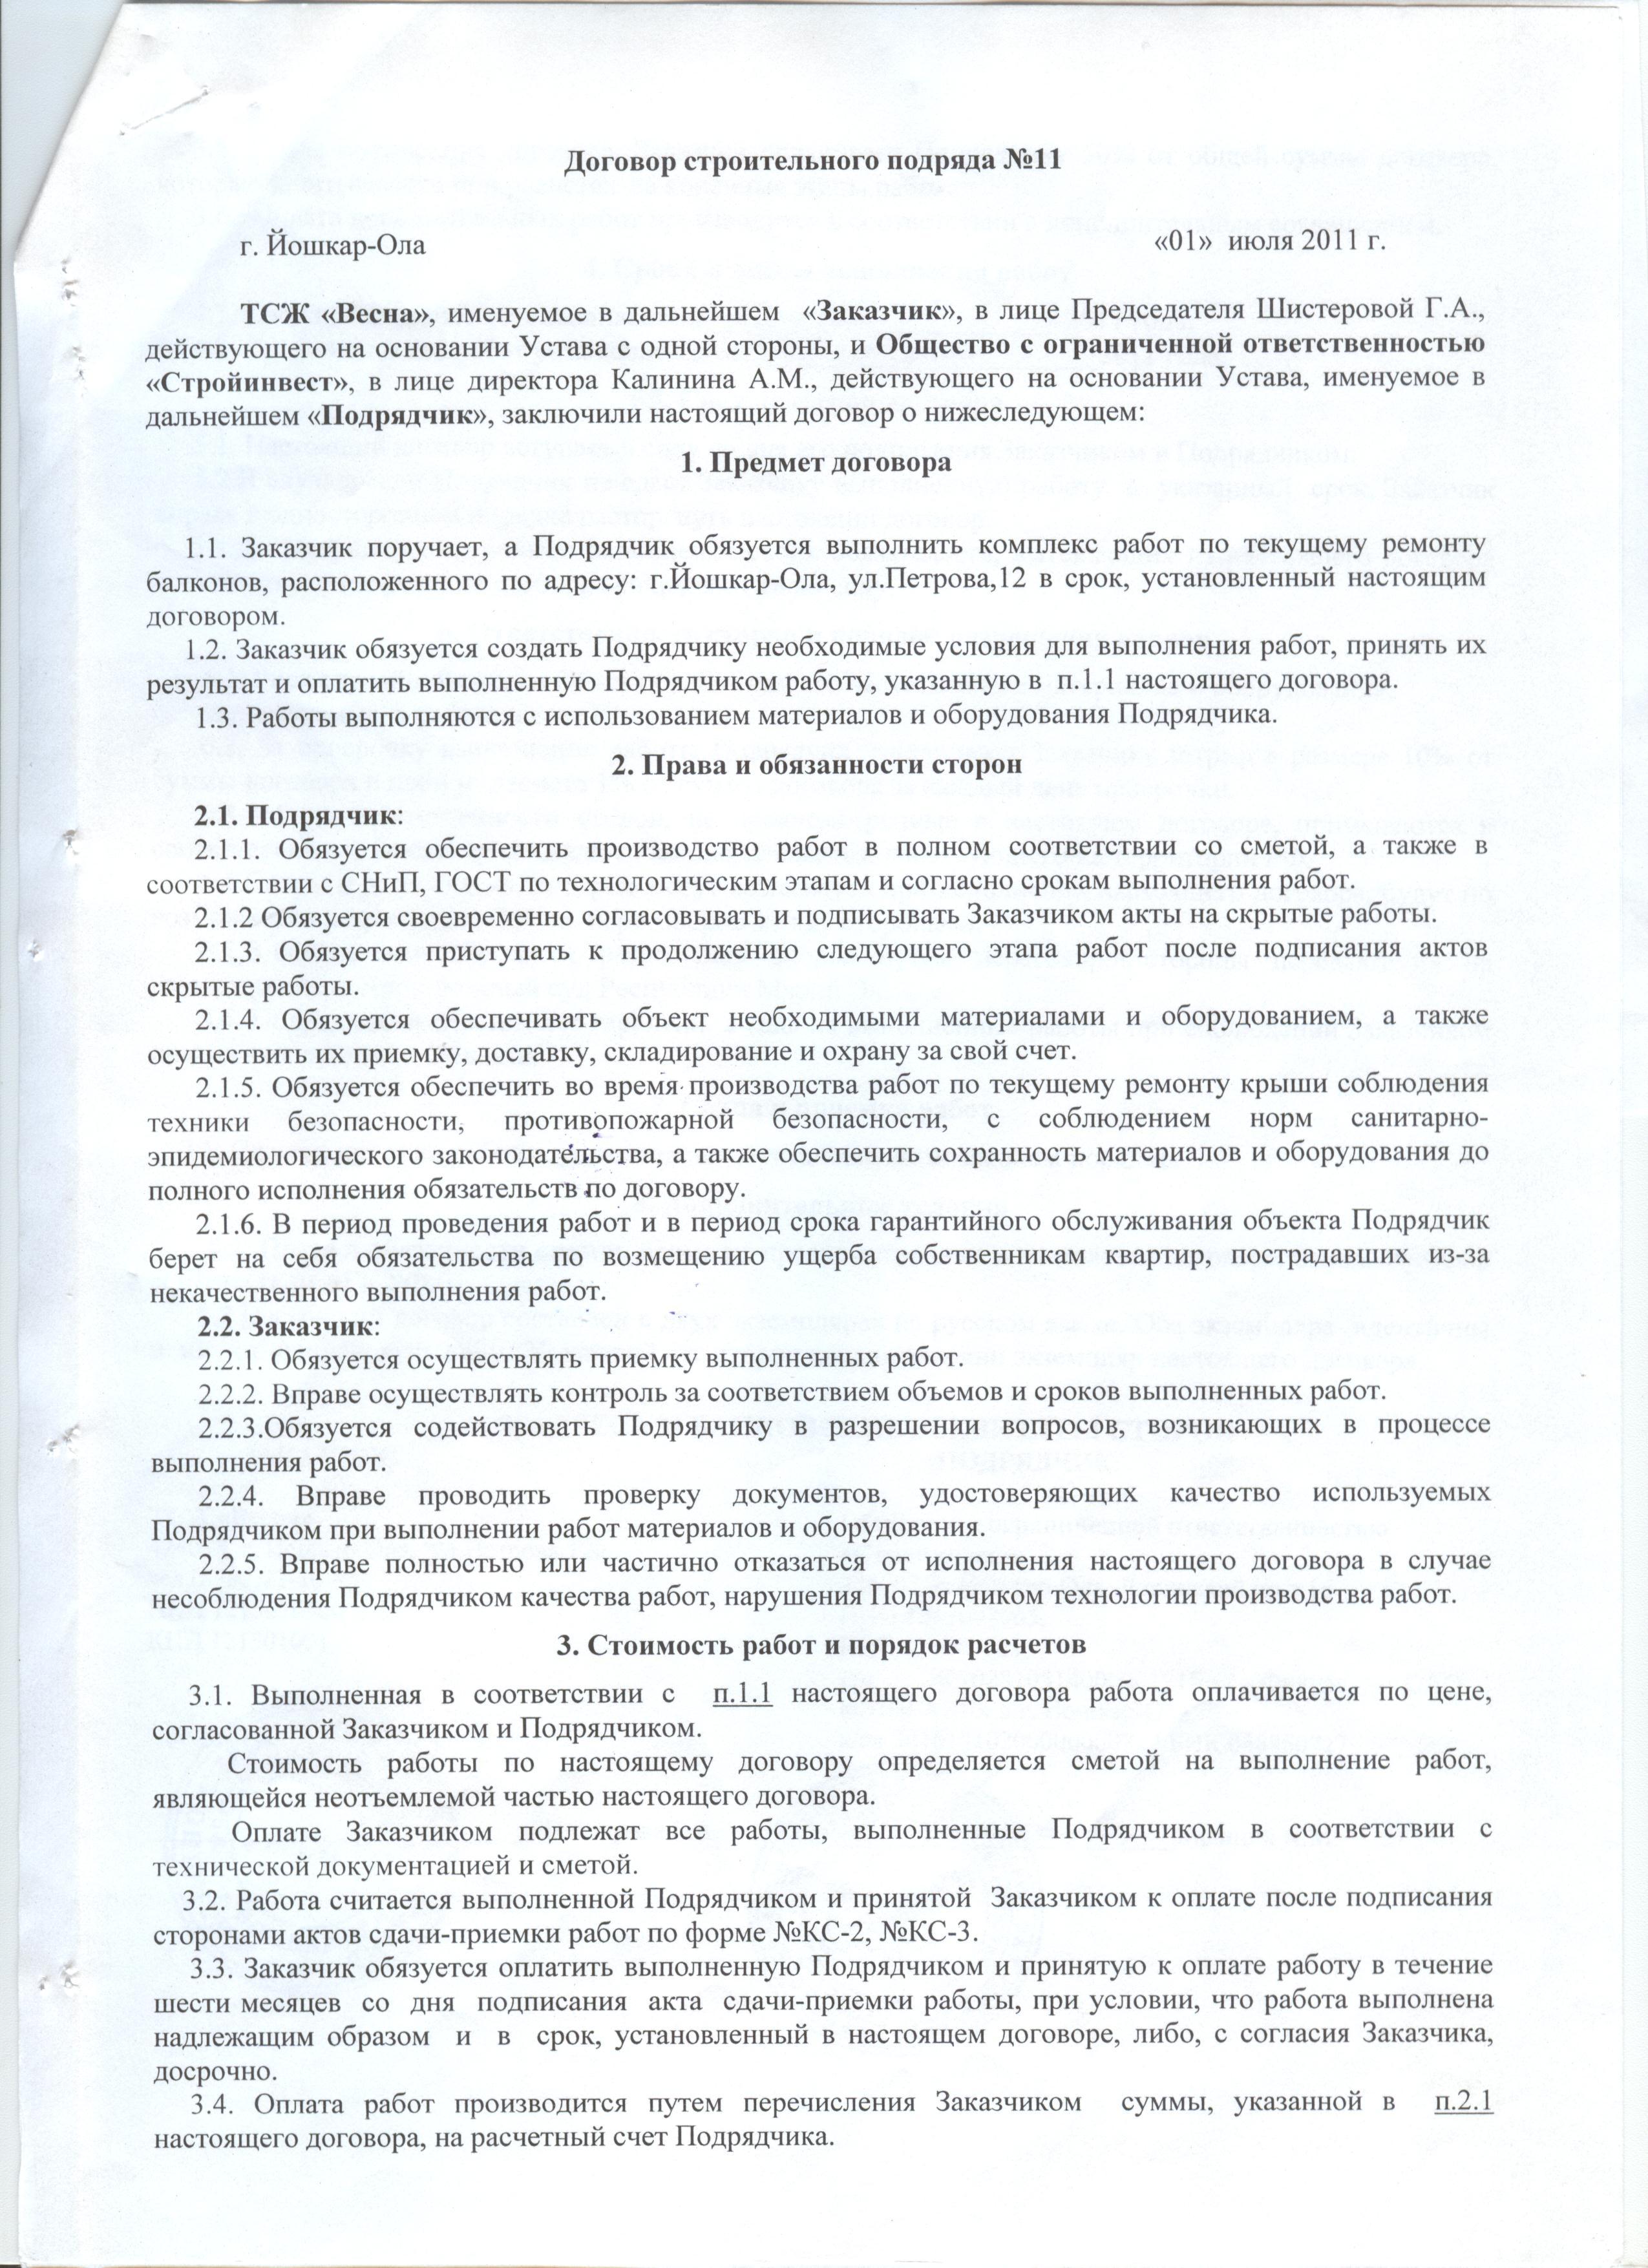 строительный договор подряда образец